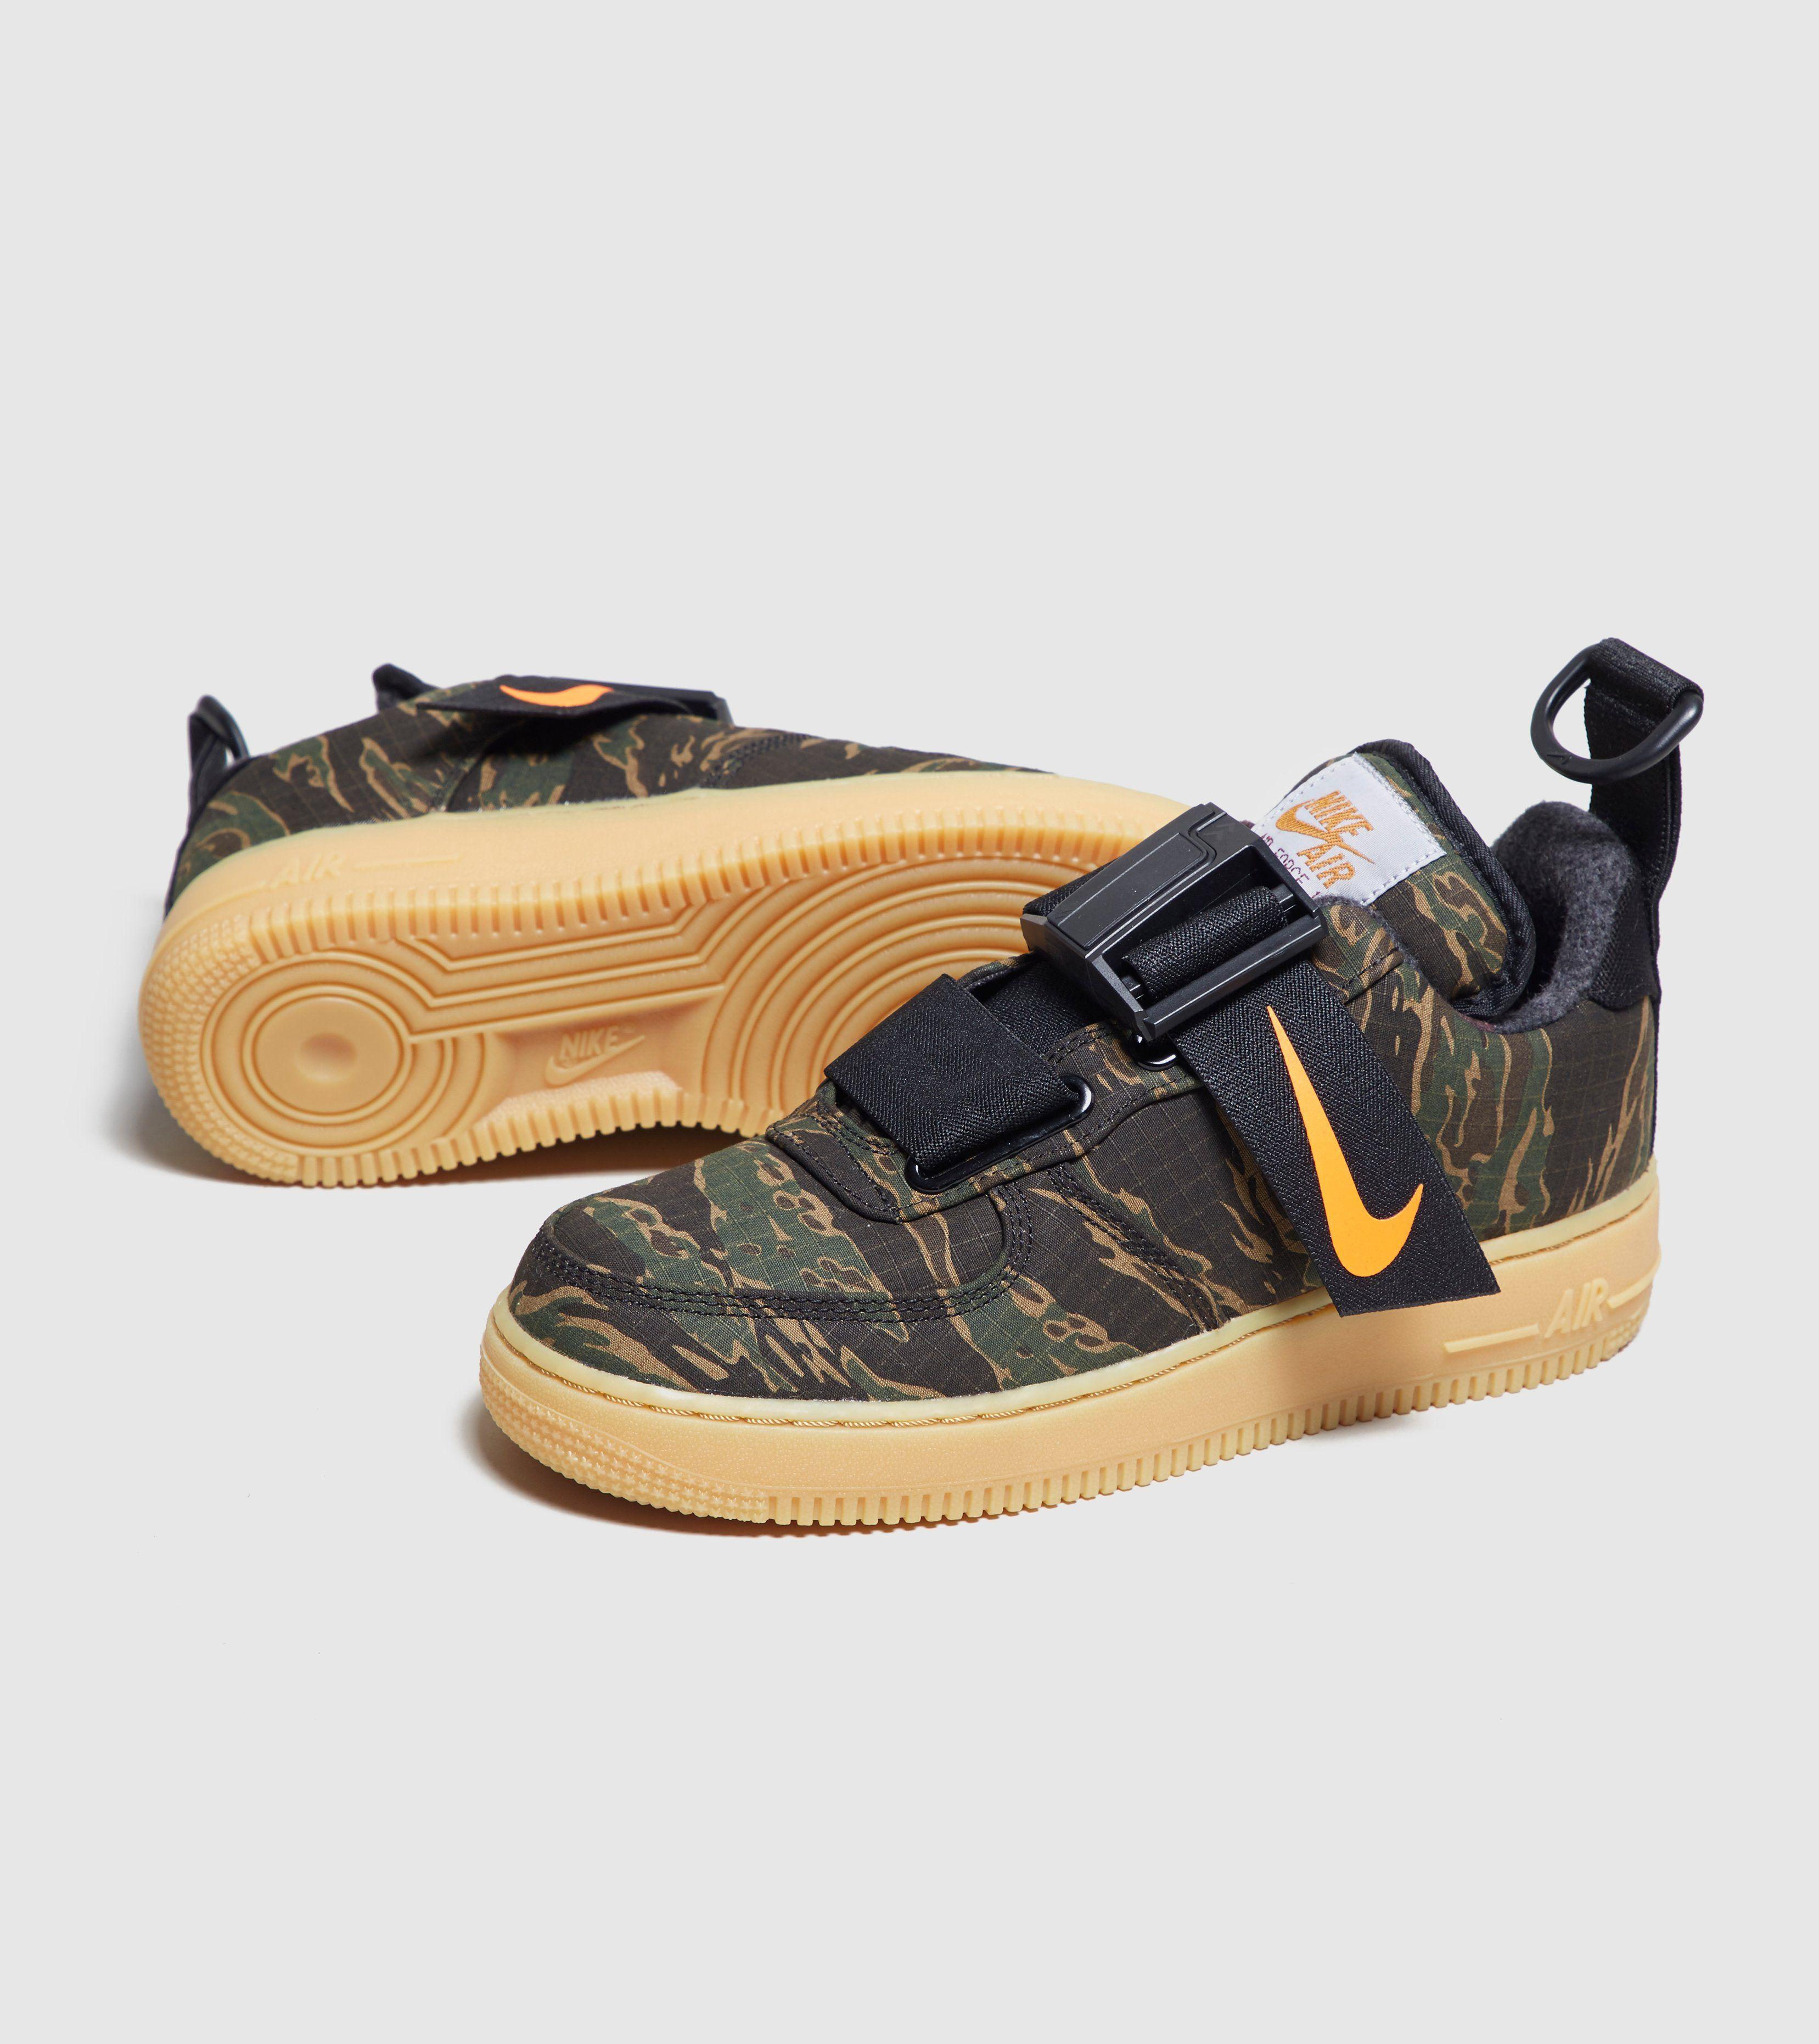 Nike x Carhartt WIP Air Force 1'07 Premium Low Women's